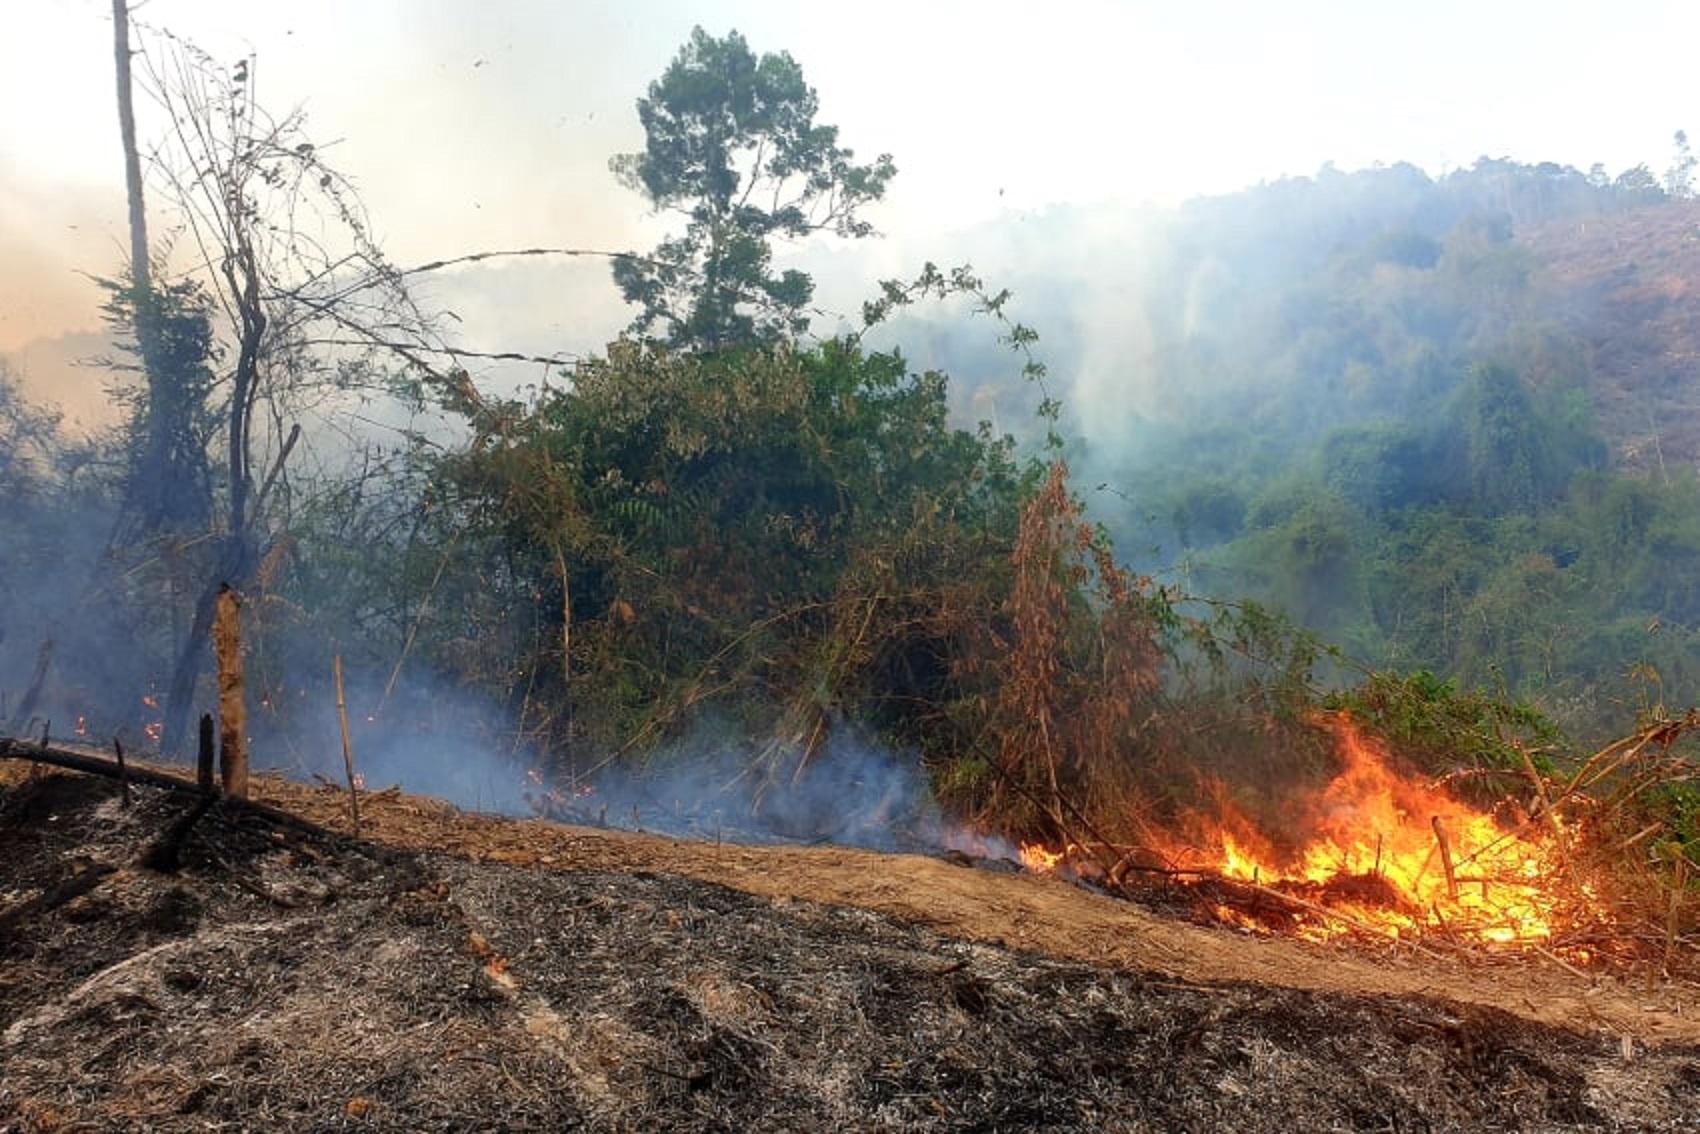 Cháy rừng phòng hộ do người dân đốt thực bì sau khi khai thác gỗ keo